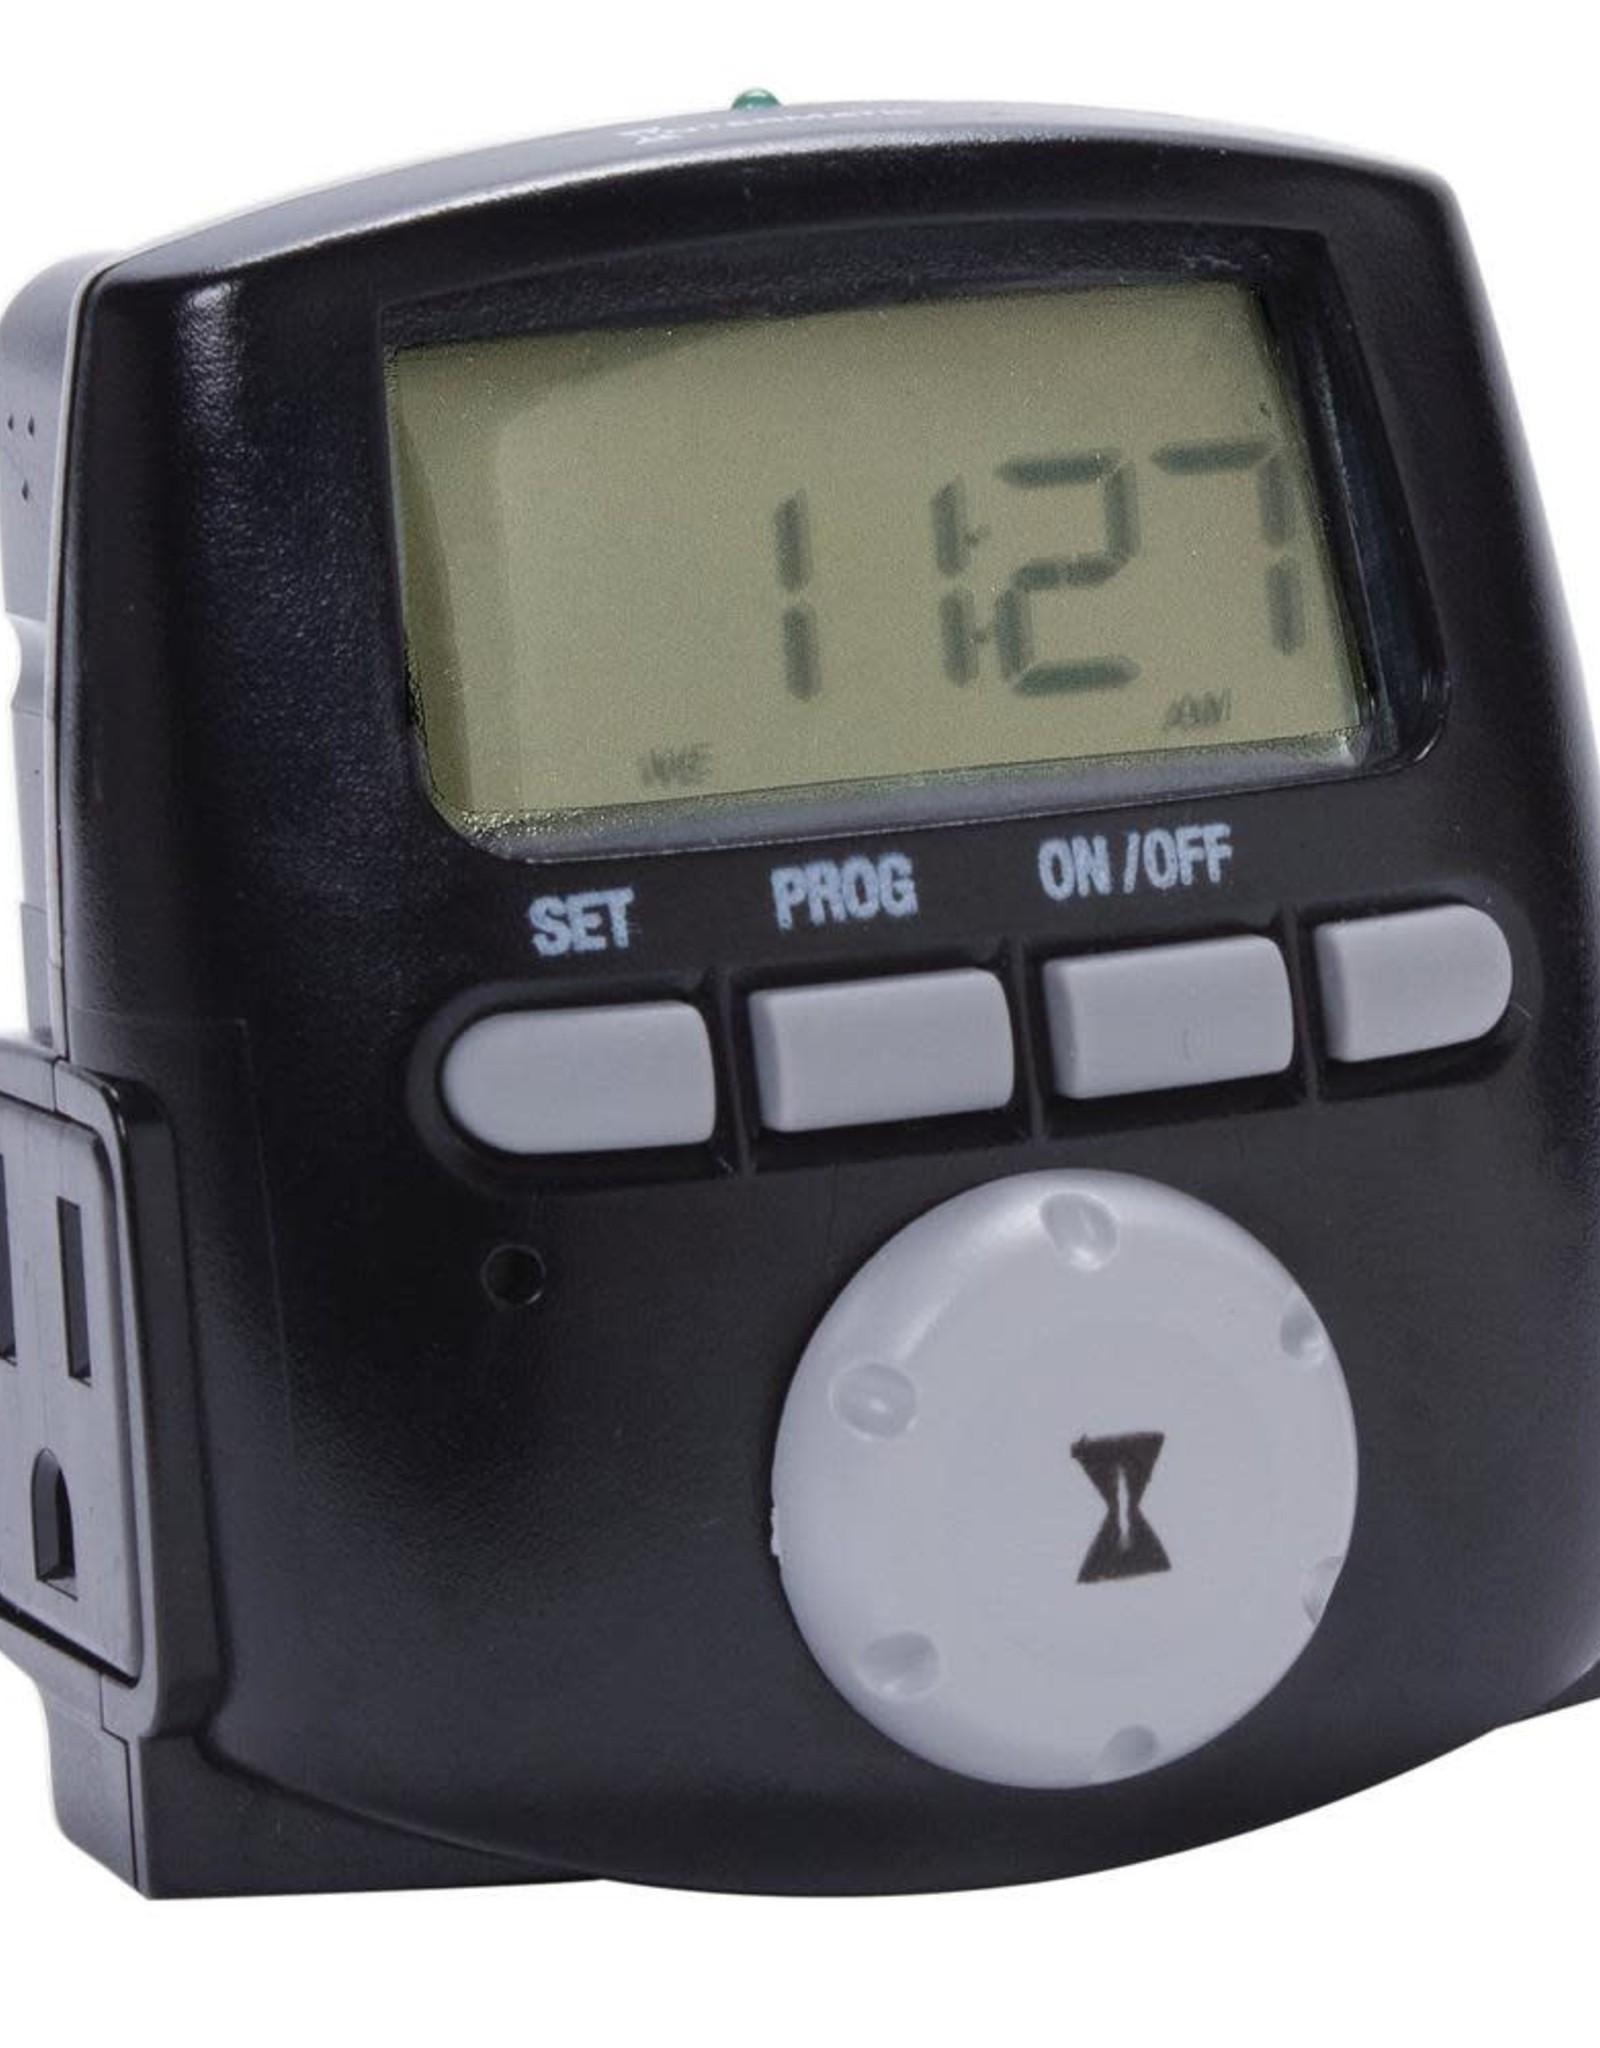 CLS Outdoor Intermatic Weatherproof Astro Timer DT200LT